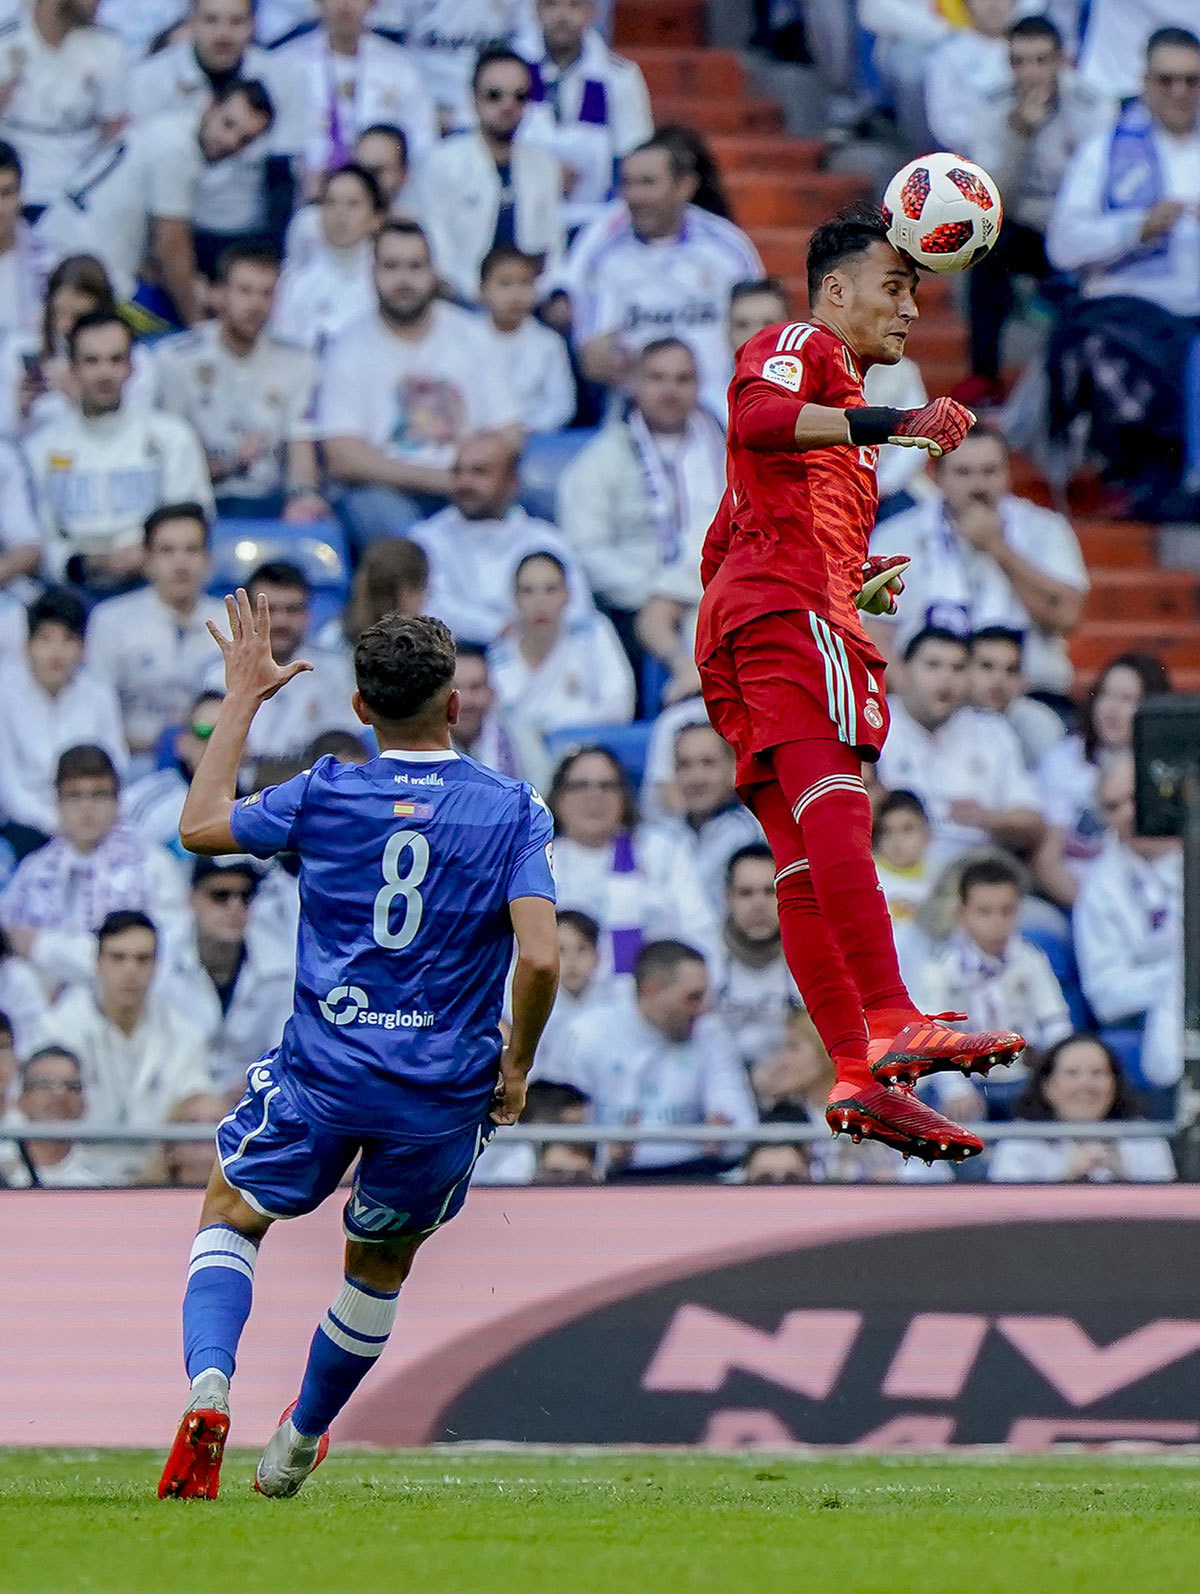 Mizzian y Keylor Navas, en el Real Madrid - Melilla